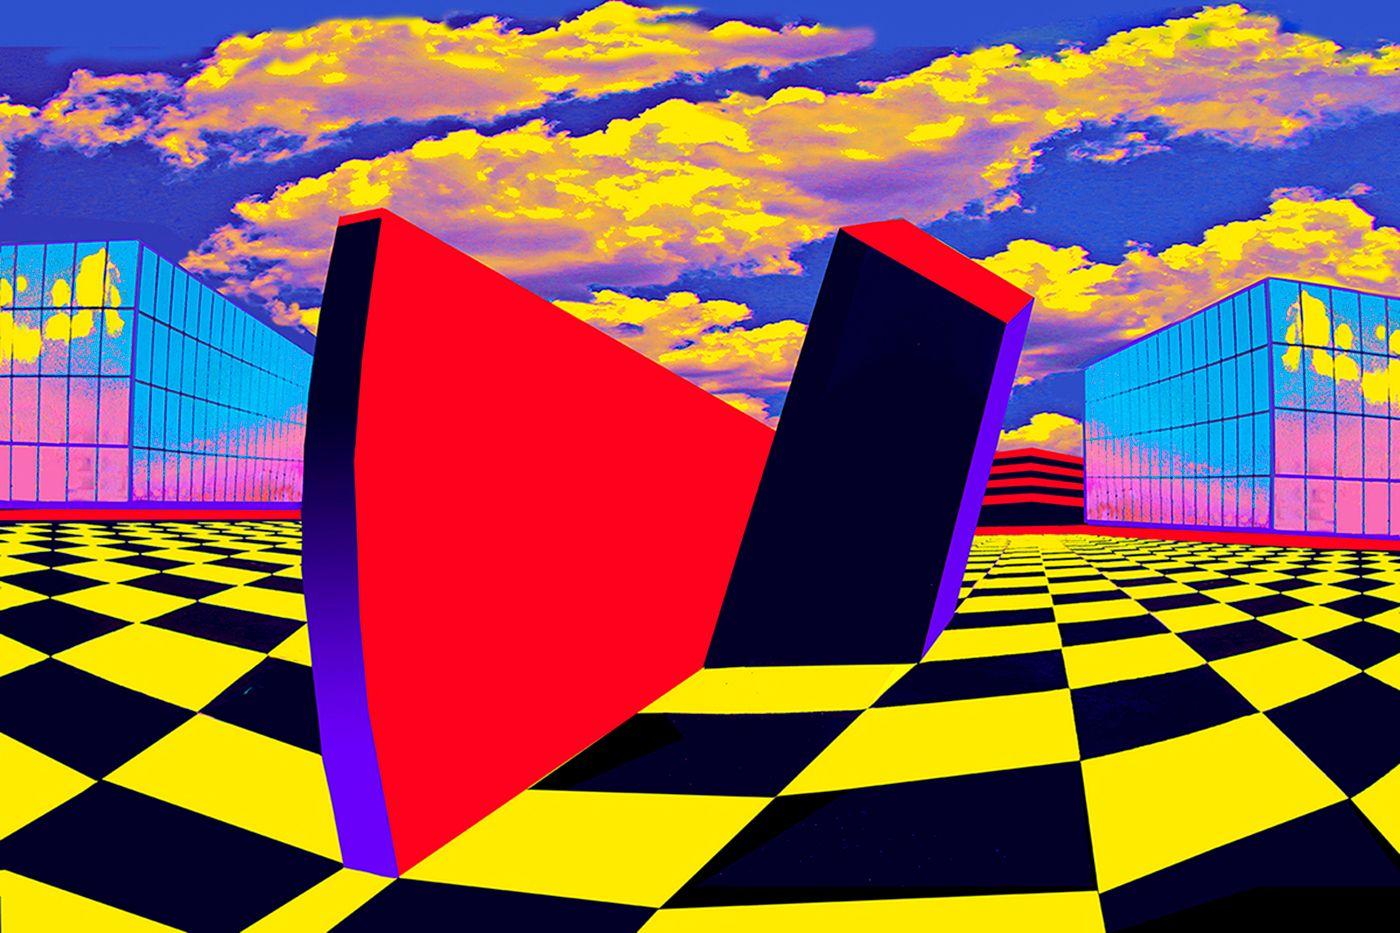 Checkerboard Plaza